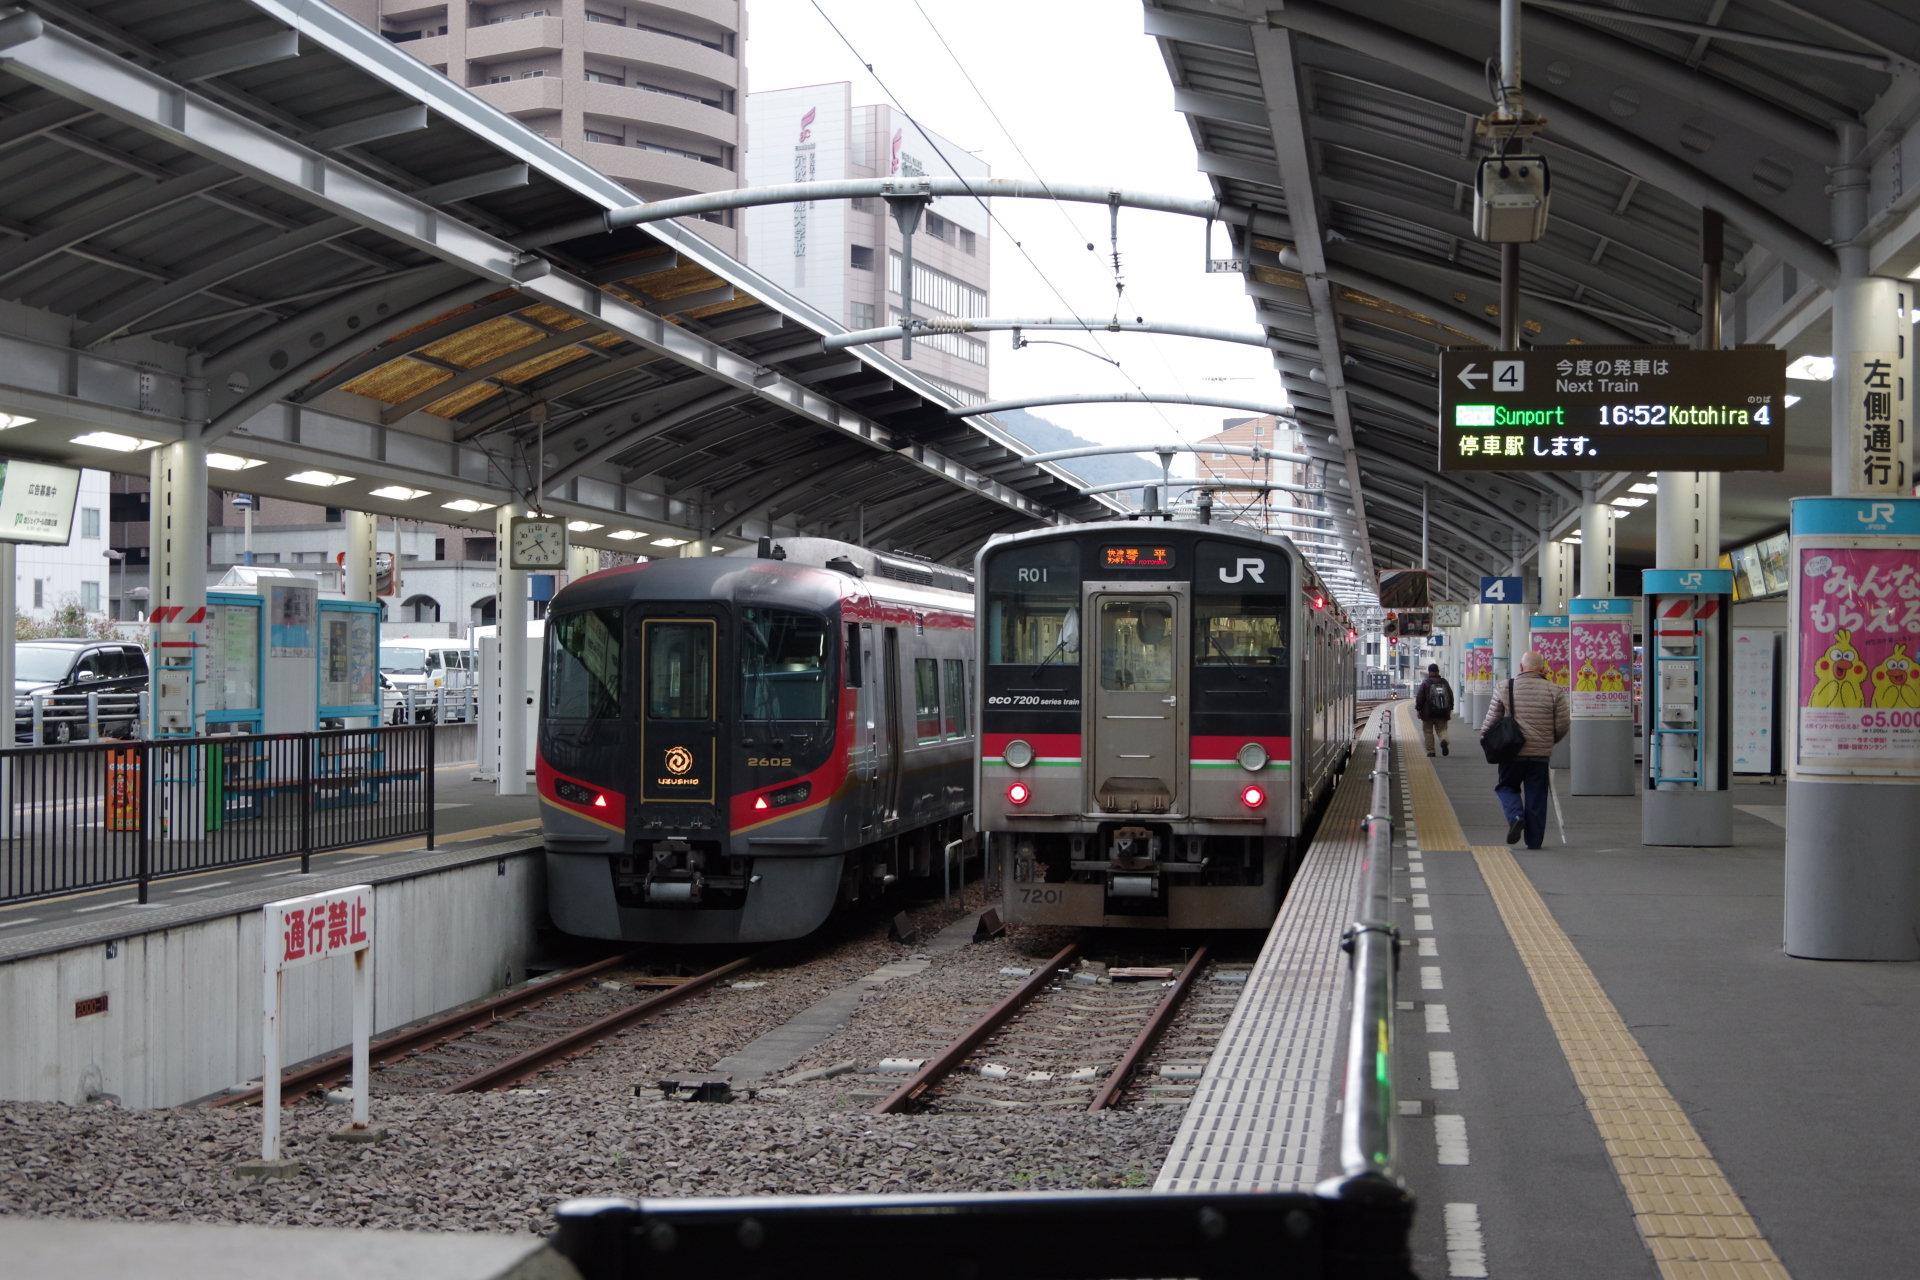 琴平方面快速列車と徳島方面特急列車